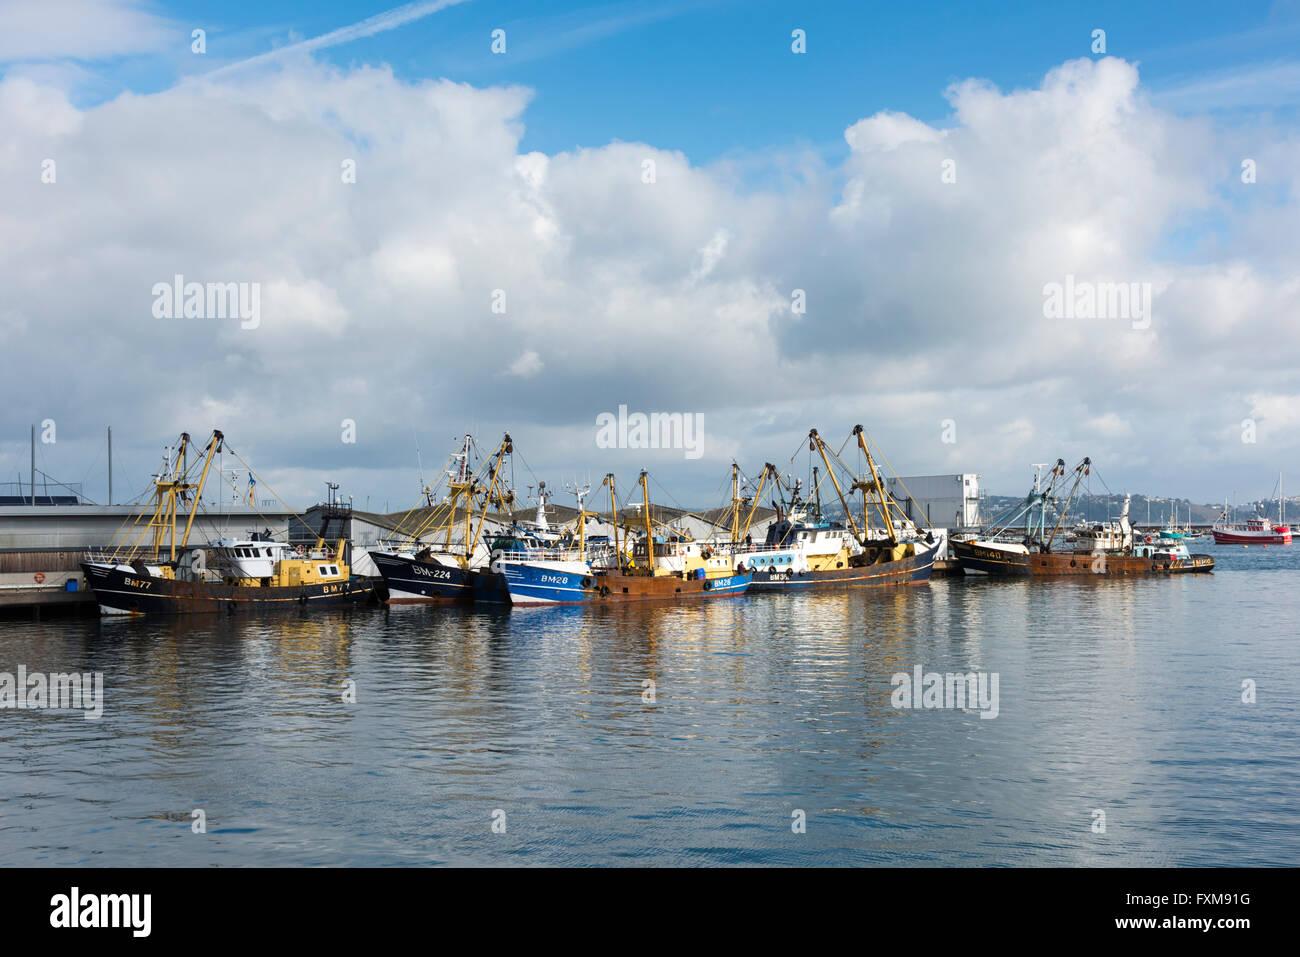 La pesca comercial barcos amarrados en los muelles en Brixham Devon UK Imagen De Stock